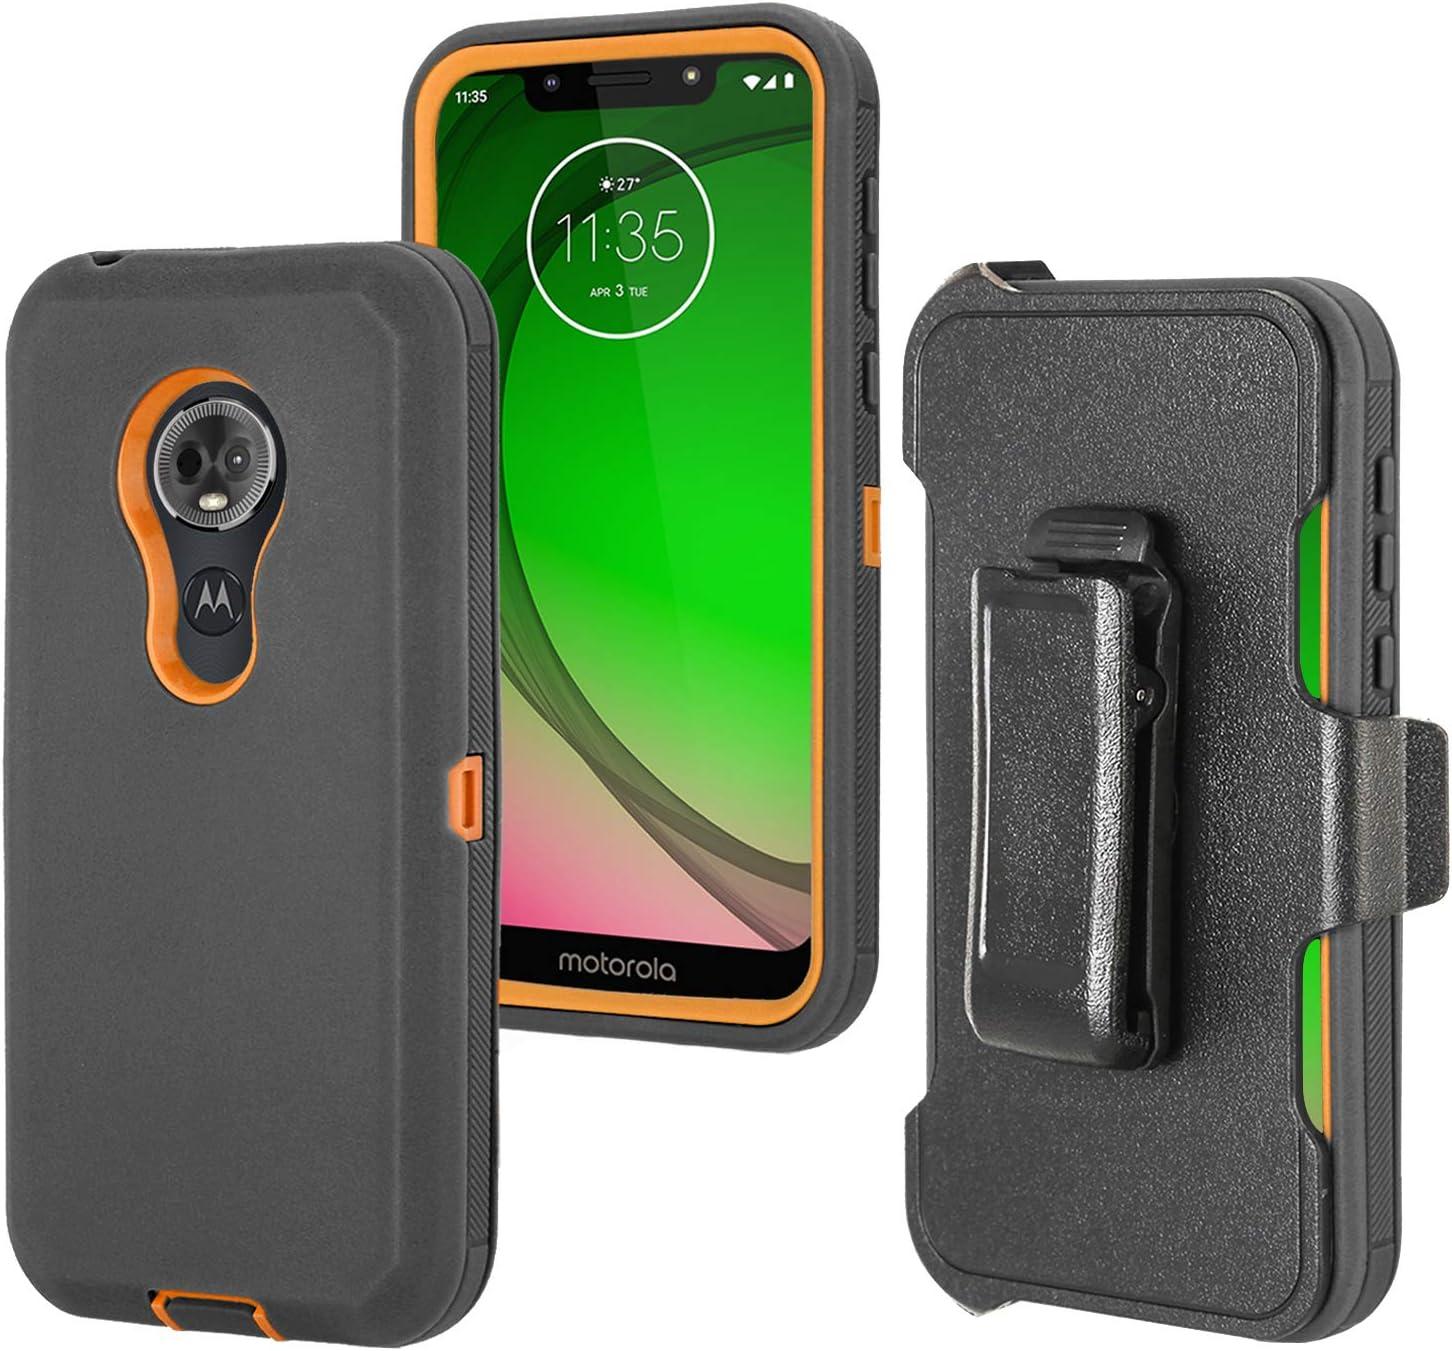 Stroson for Moto E5 Plus Case, Moto E5 Supra Case, with Belt Clip/Kickstand Phone Case 4 in 1 Tough Heavy Duty Shockproof Bumper Holster for Motorola Moto E5 Plus / E5 Supra (Black+Orange)